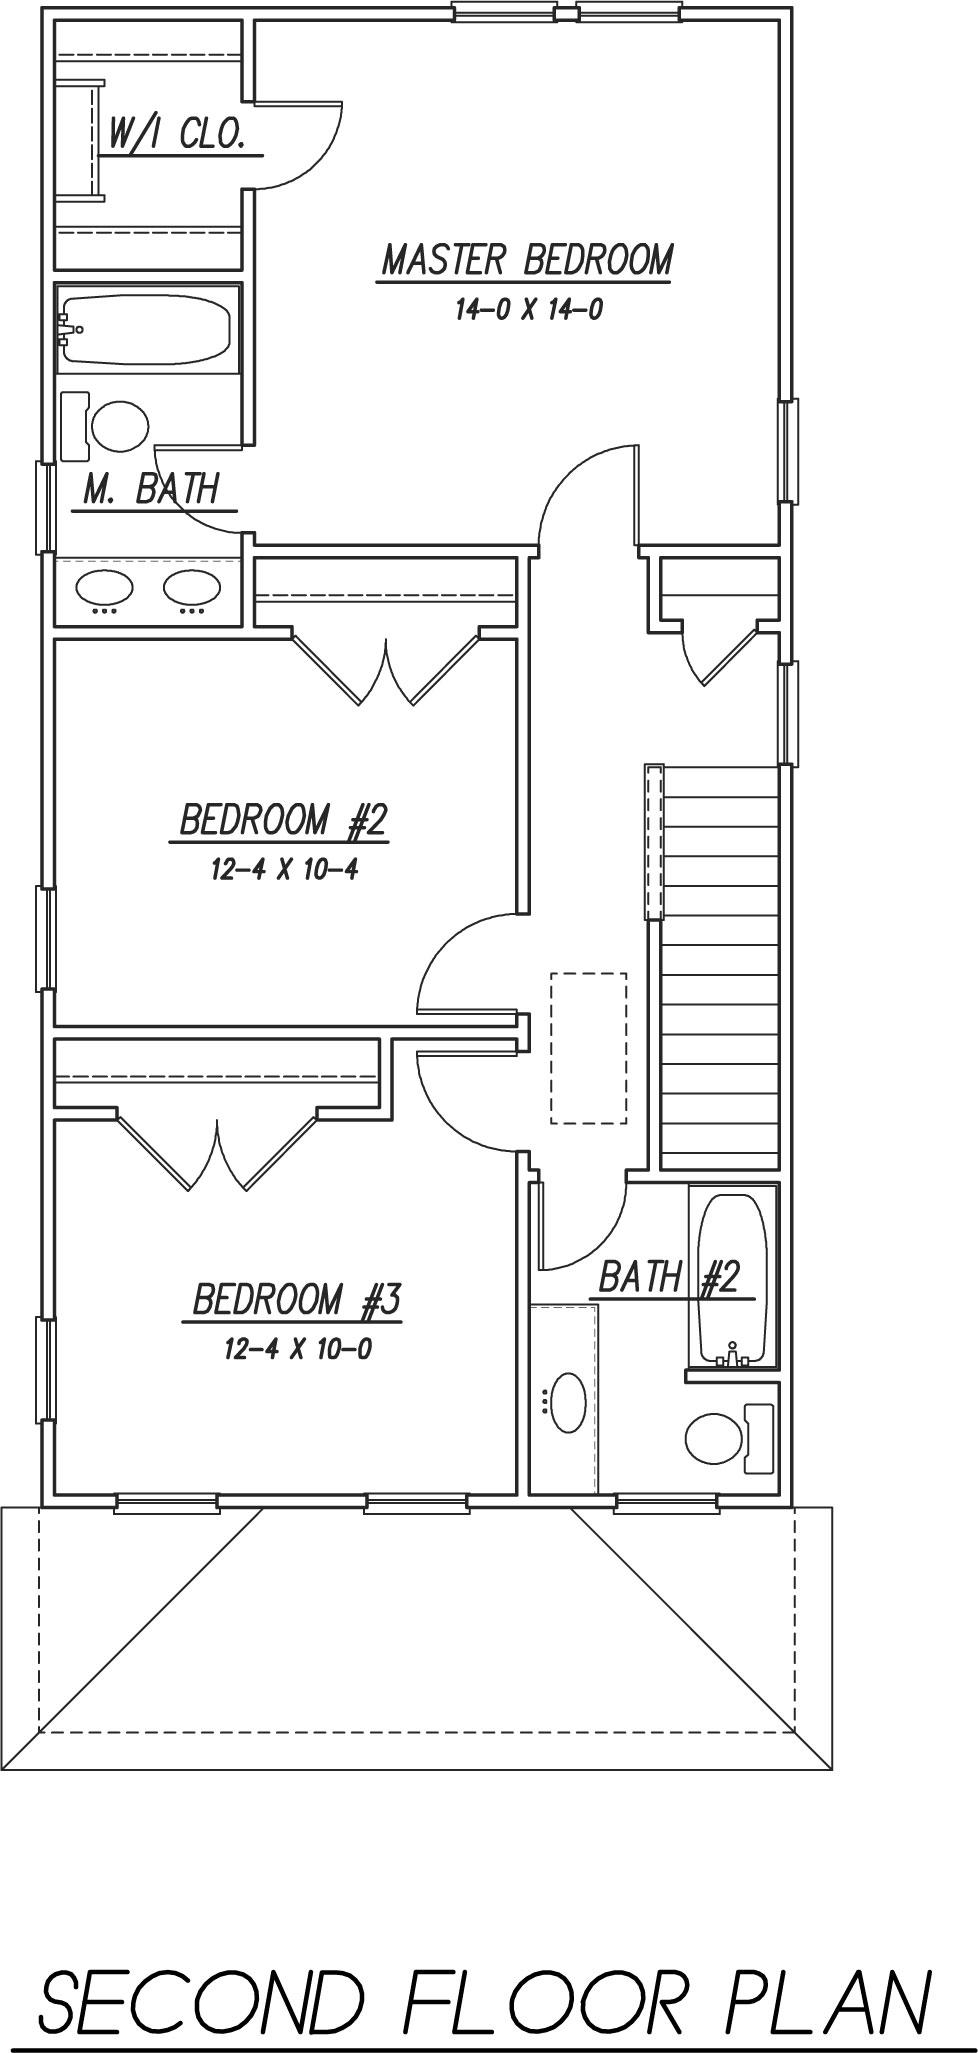 GMFplus+sophia+paintedlas+secondfloor Painted Lady House Floor Plan on small blue floor plan, marine blue floor plan, viceroy floor plan, map floor plan, monarch floor plan, mr selfridge floor plan, kinky boots floor plan, family floor plan,